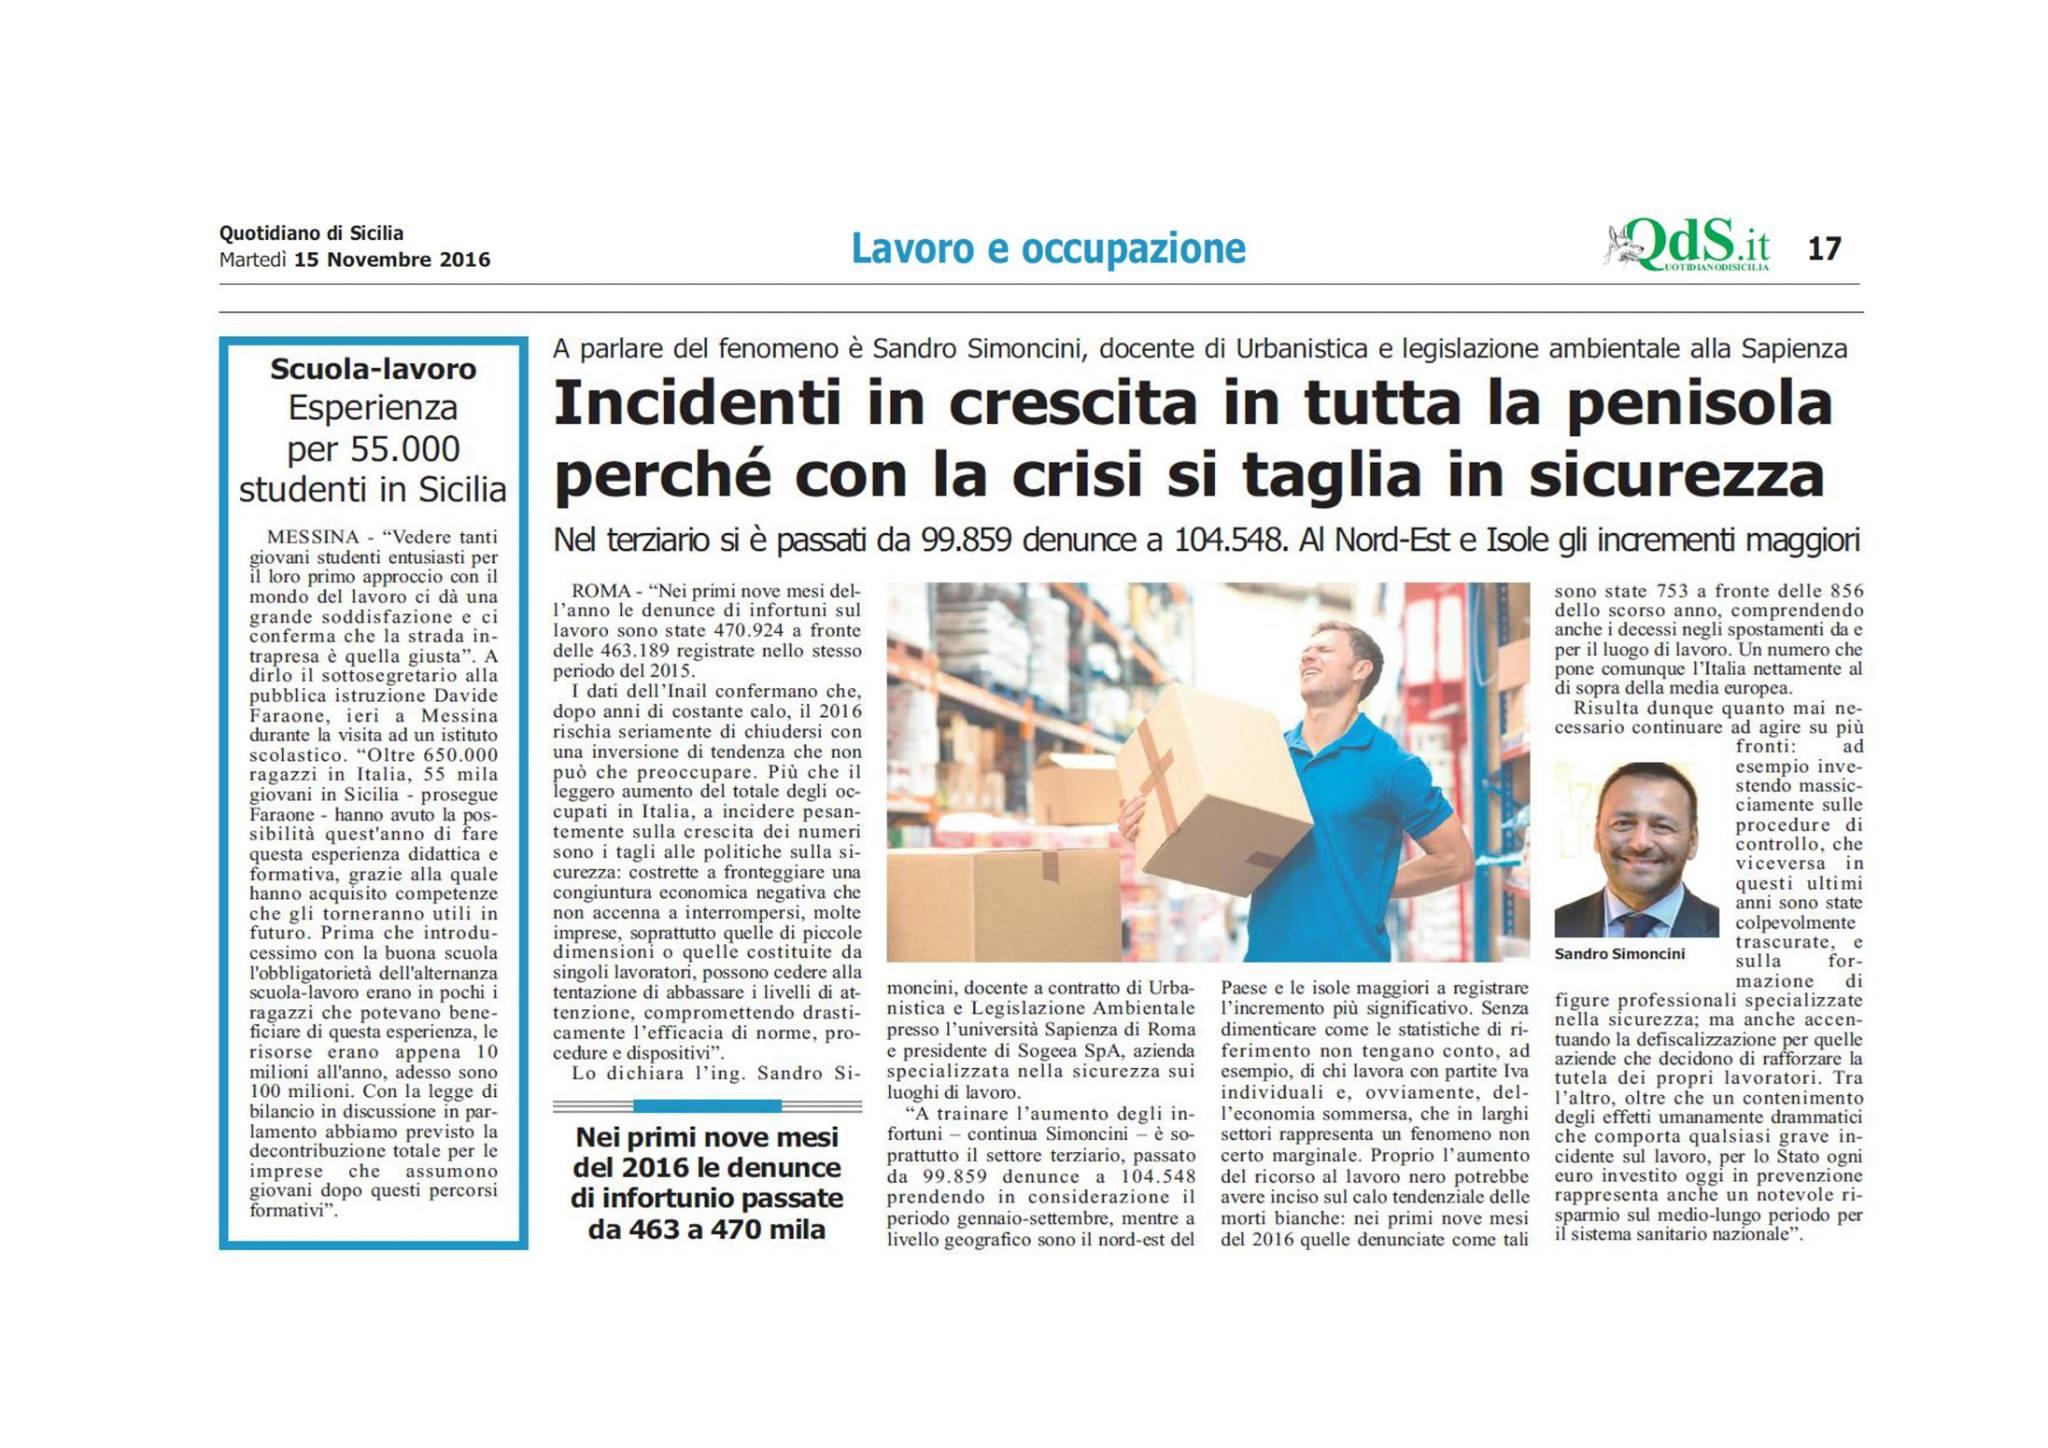 quotidiano di sicilia 15 novembre 2016